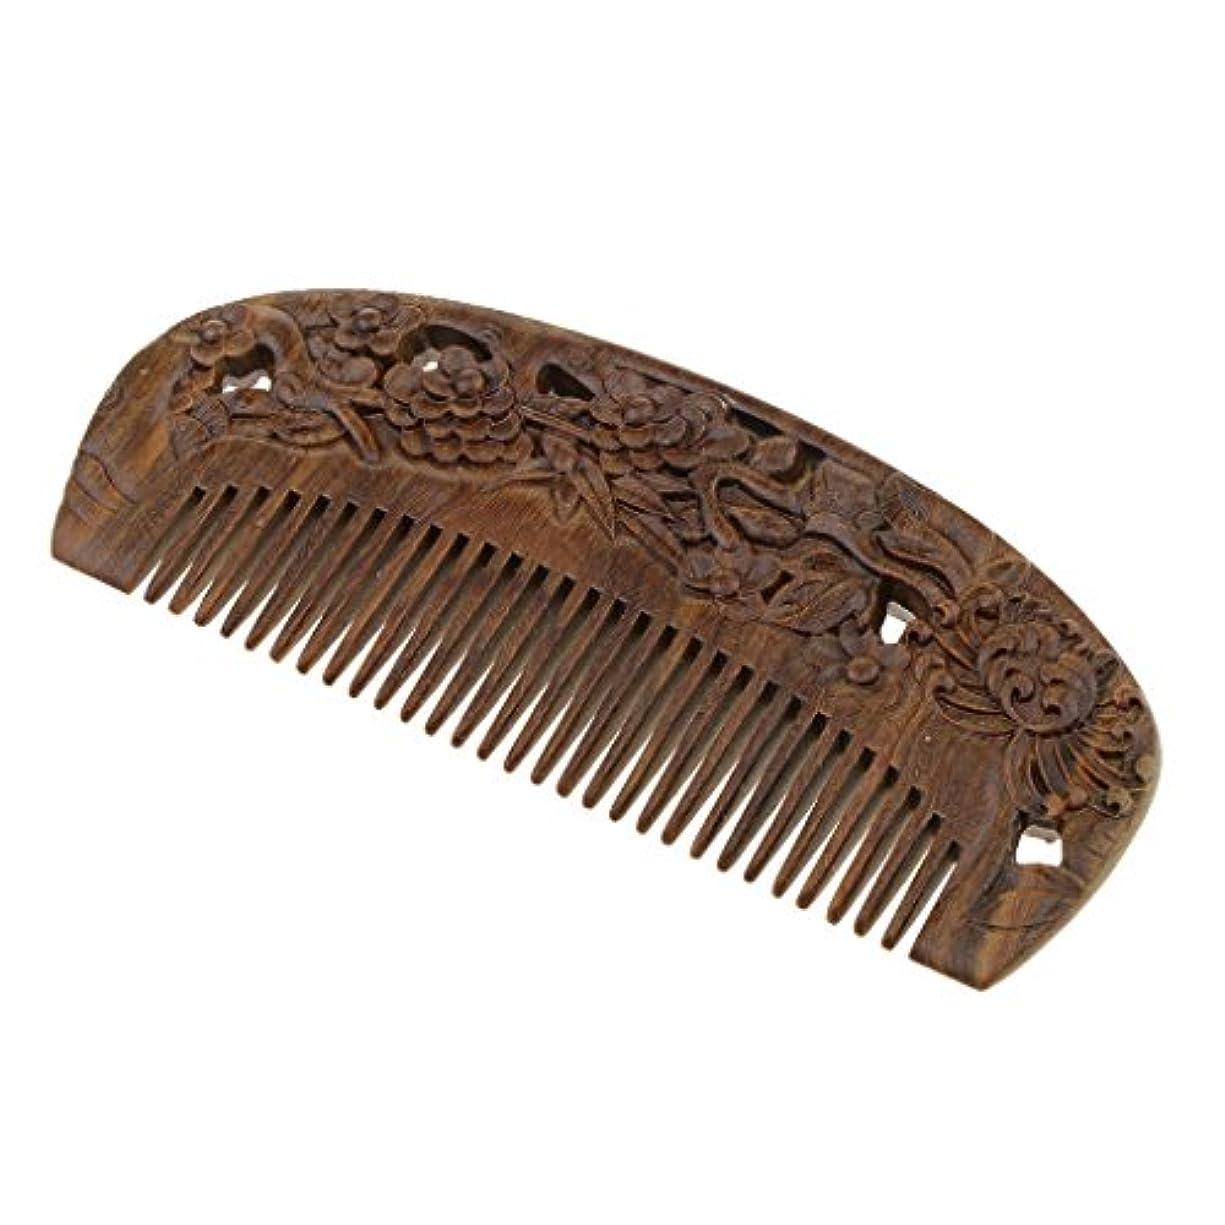 小さなモーテルユーモアT TOOYFUL 木製櫛 木製コーム ウッドコーム ワイド歯 ヘアブラシ 頭皮マッサージ 静電防止 全2種類 - #2